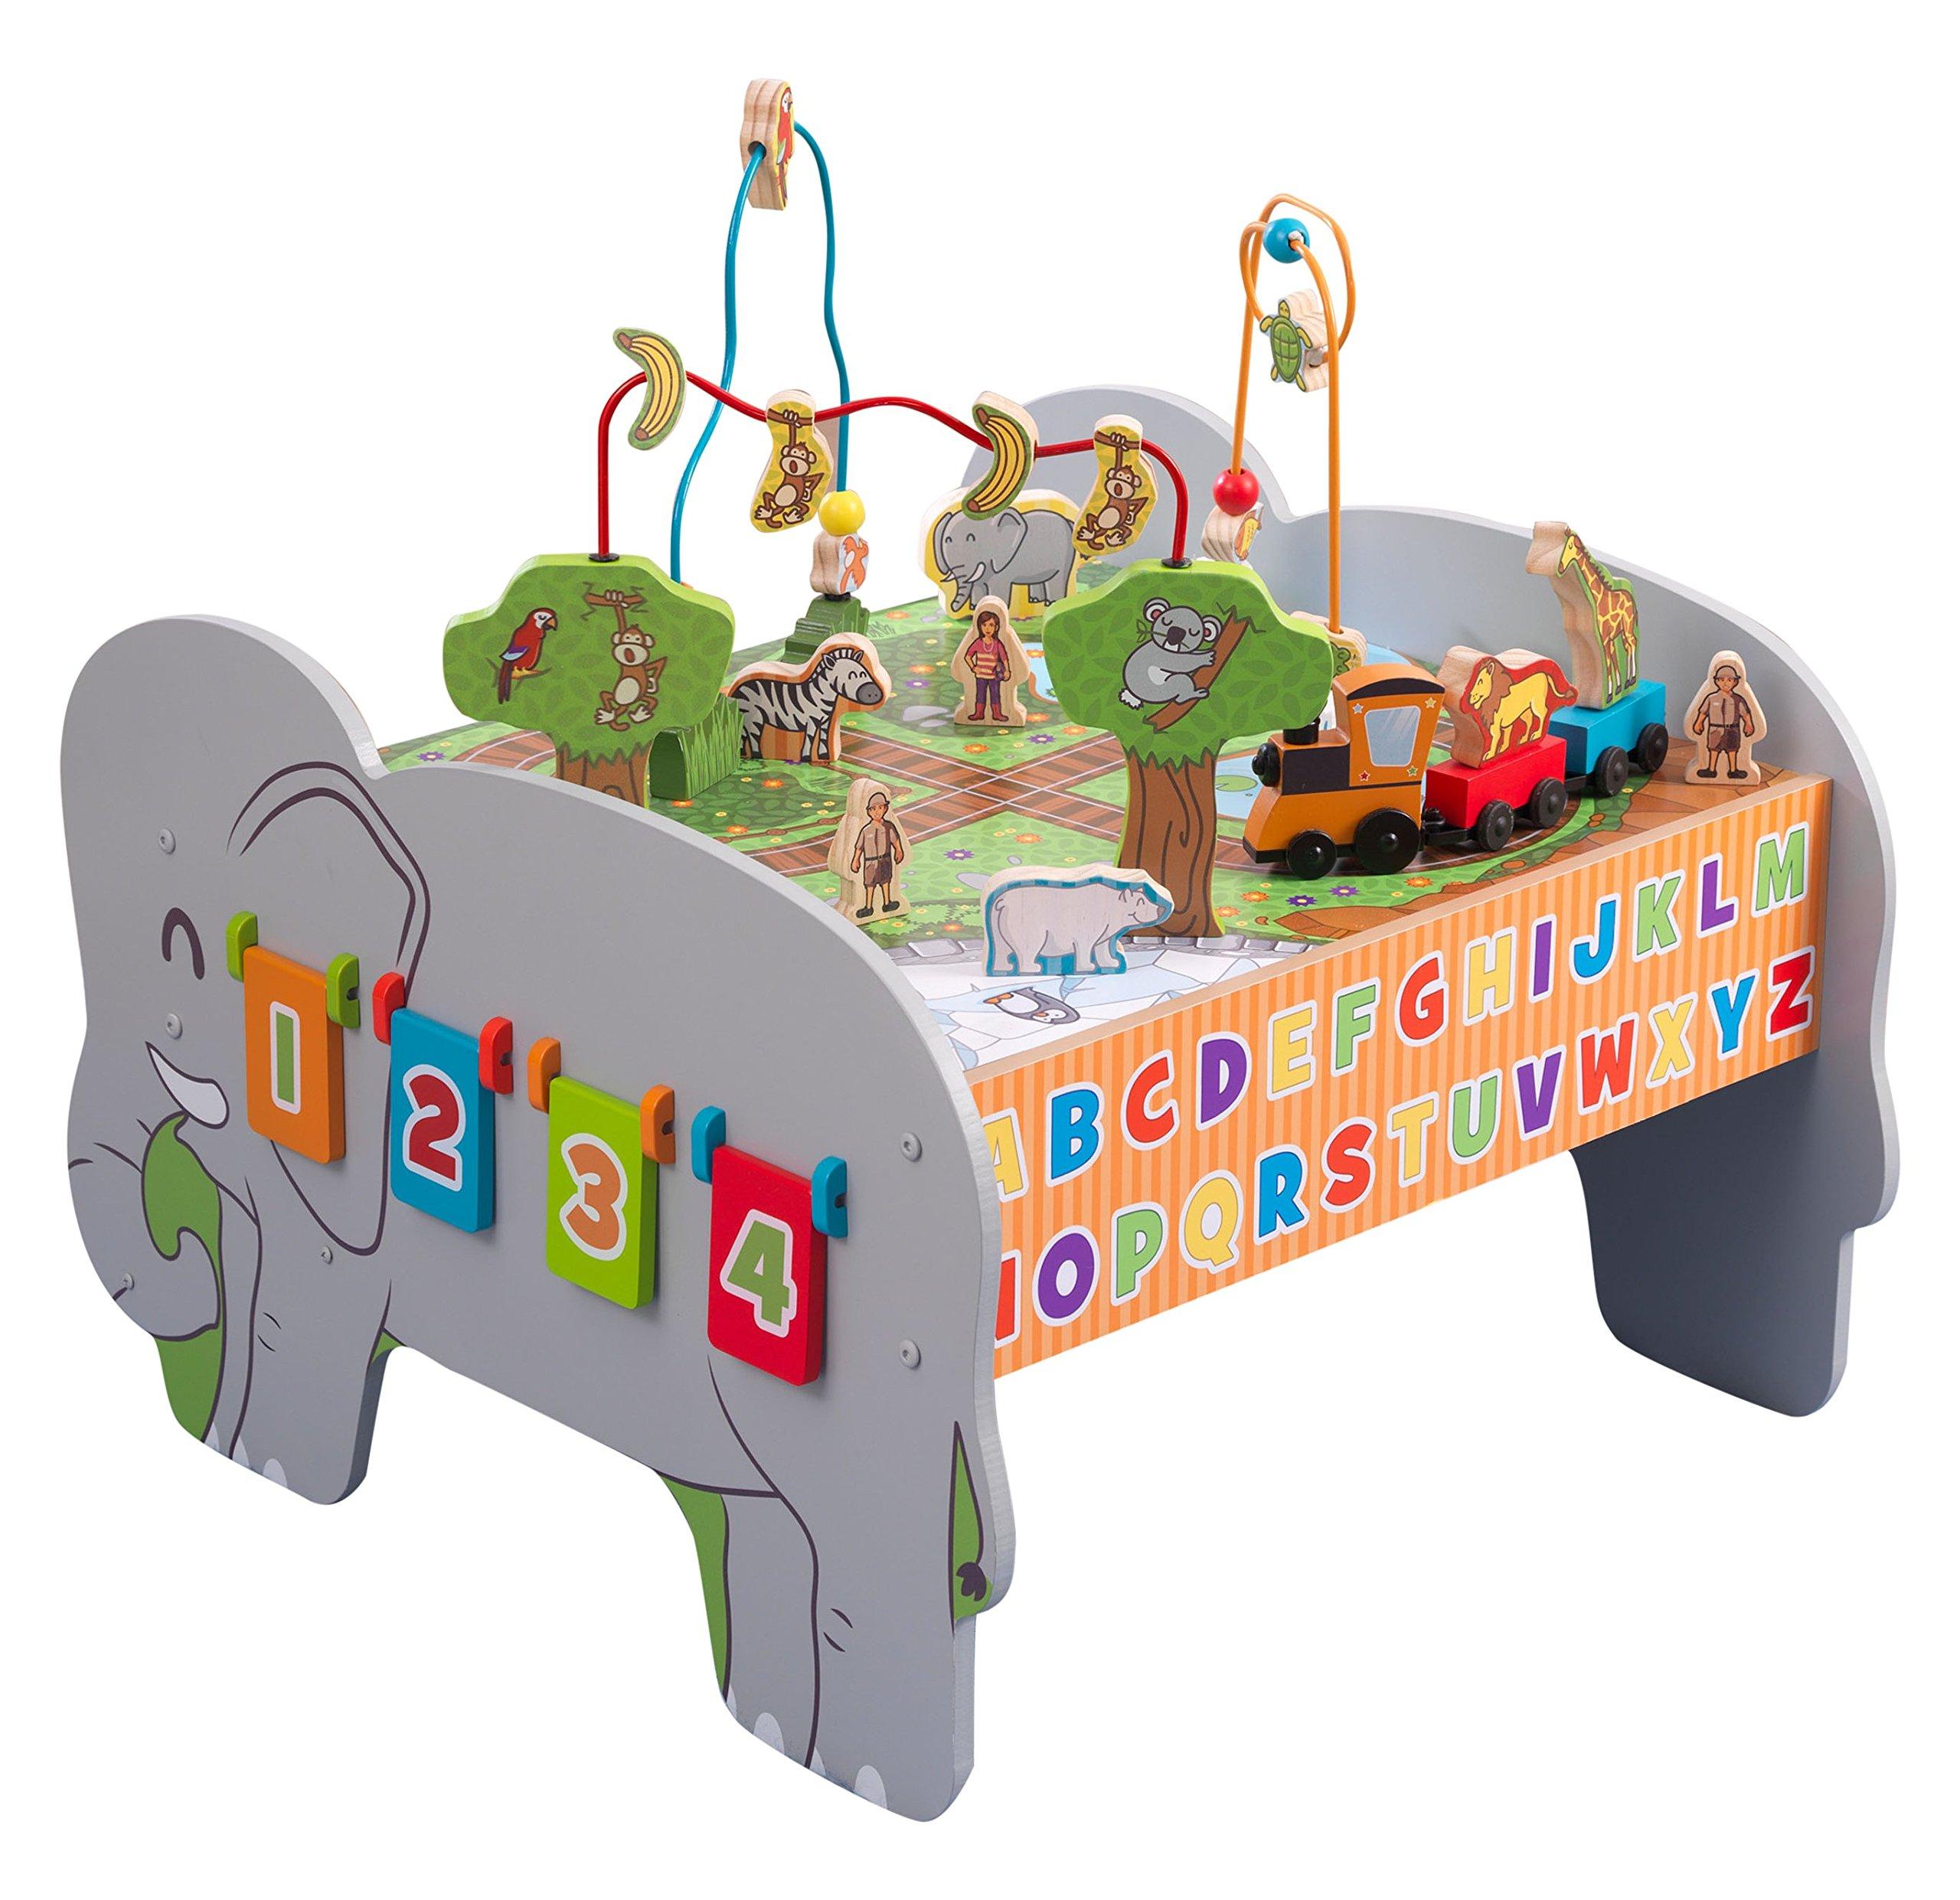 KidKraft Toddler Play Station